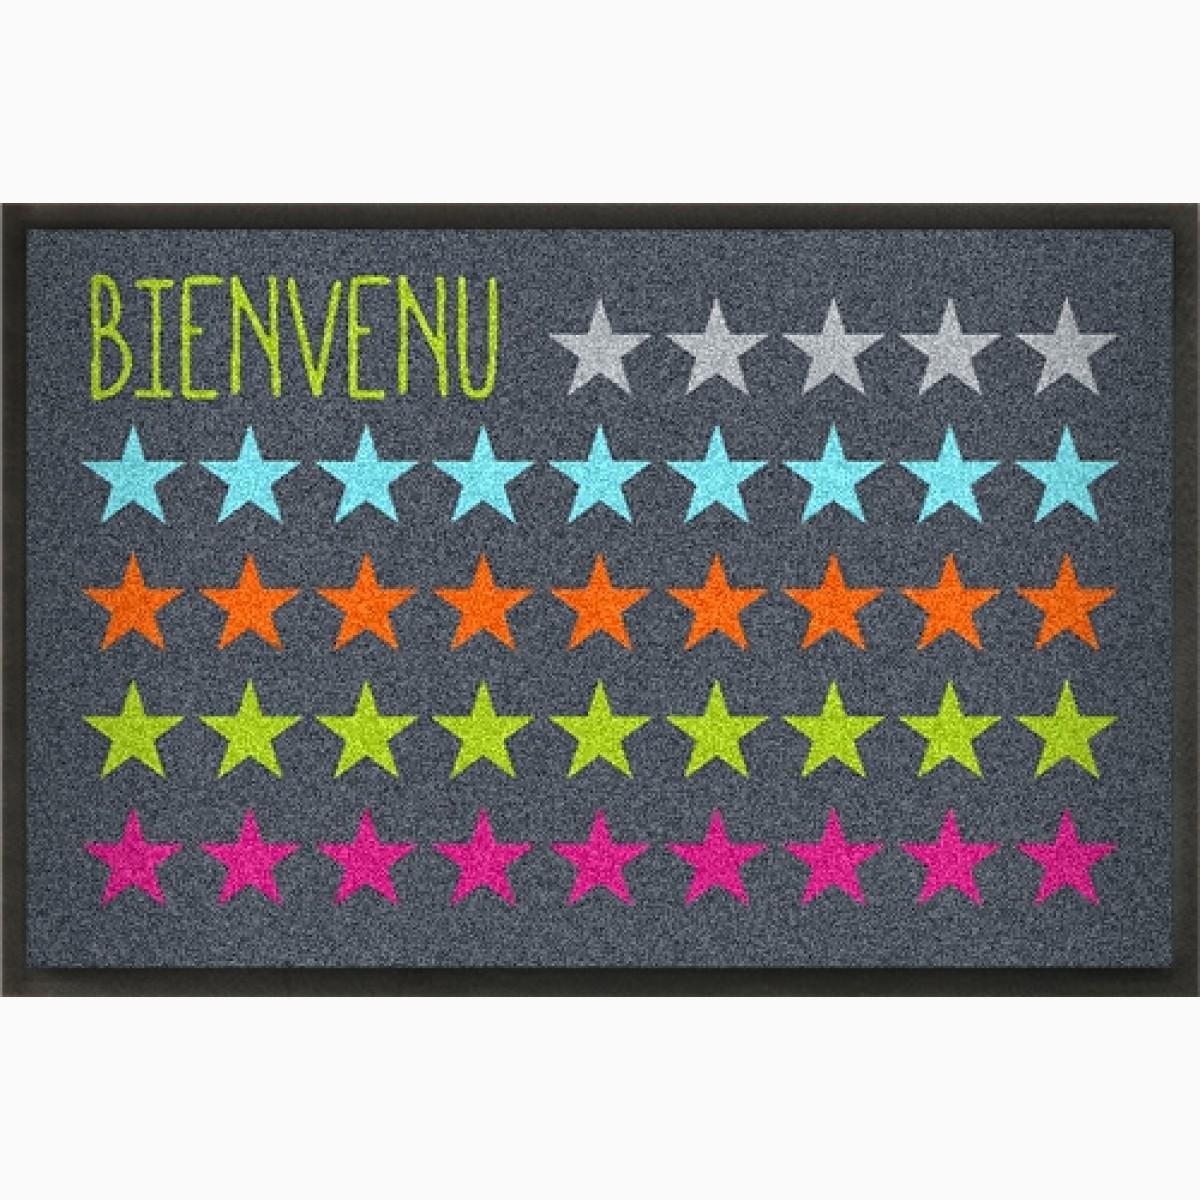 Fußmatte Bienvenue mit Sternen